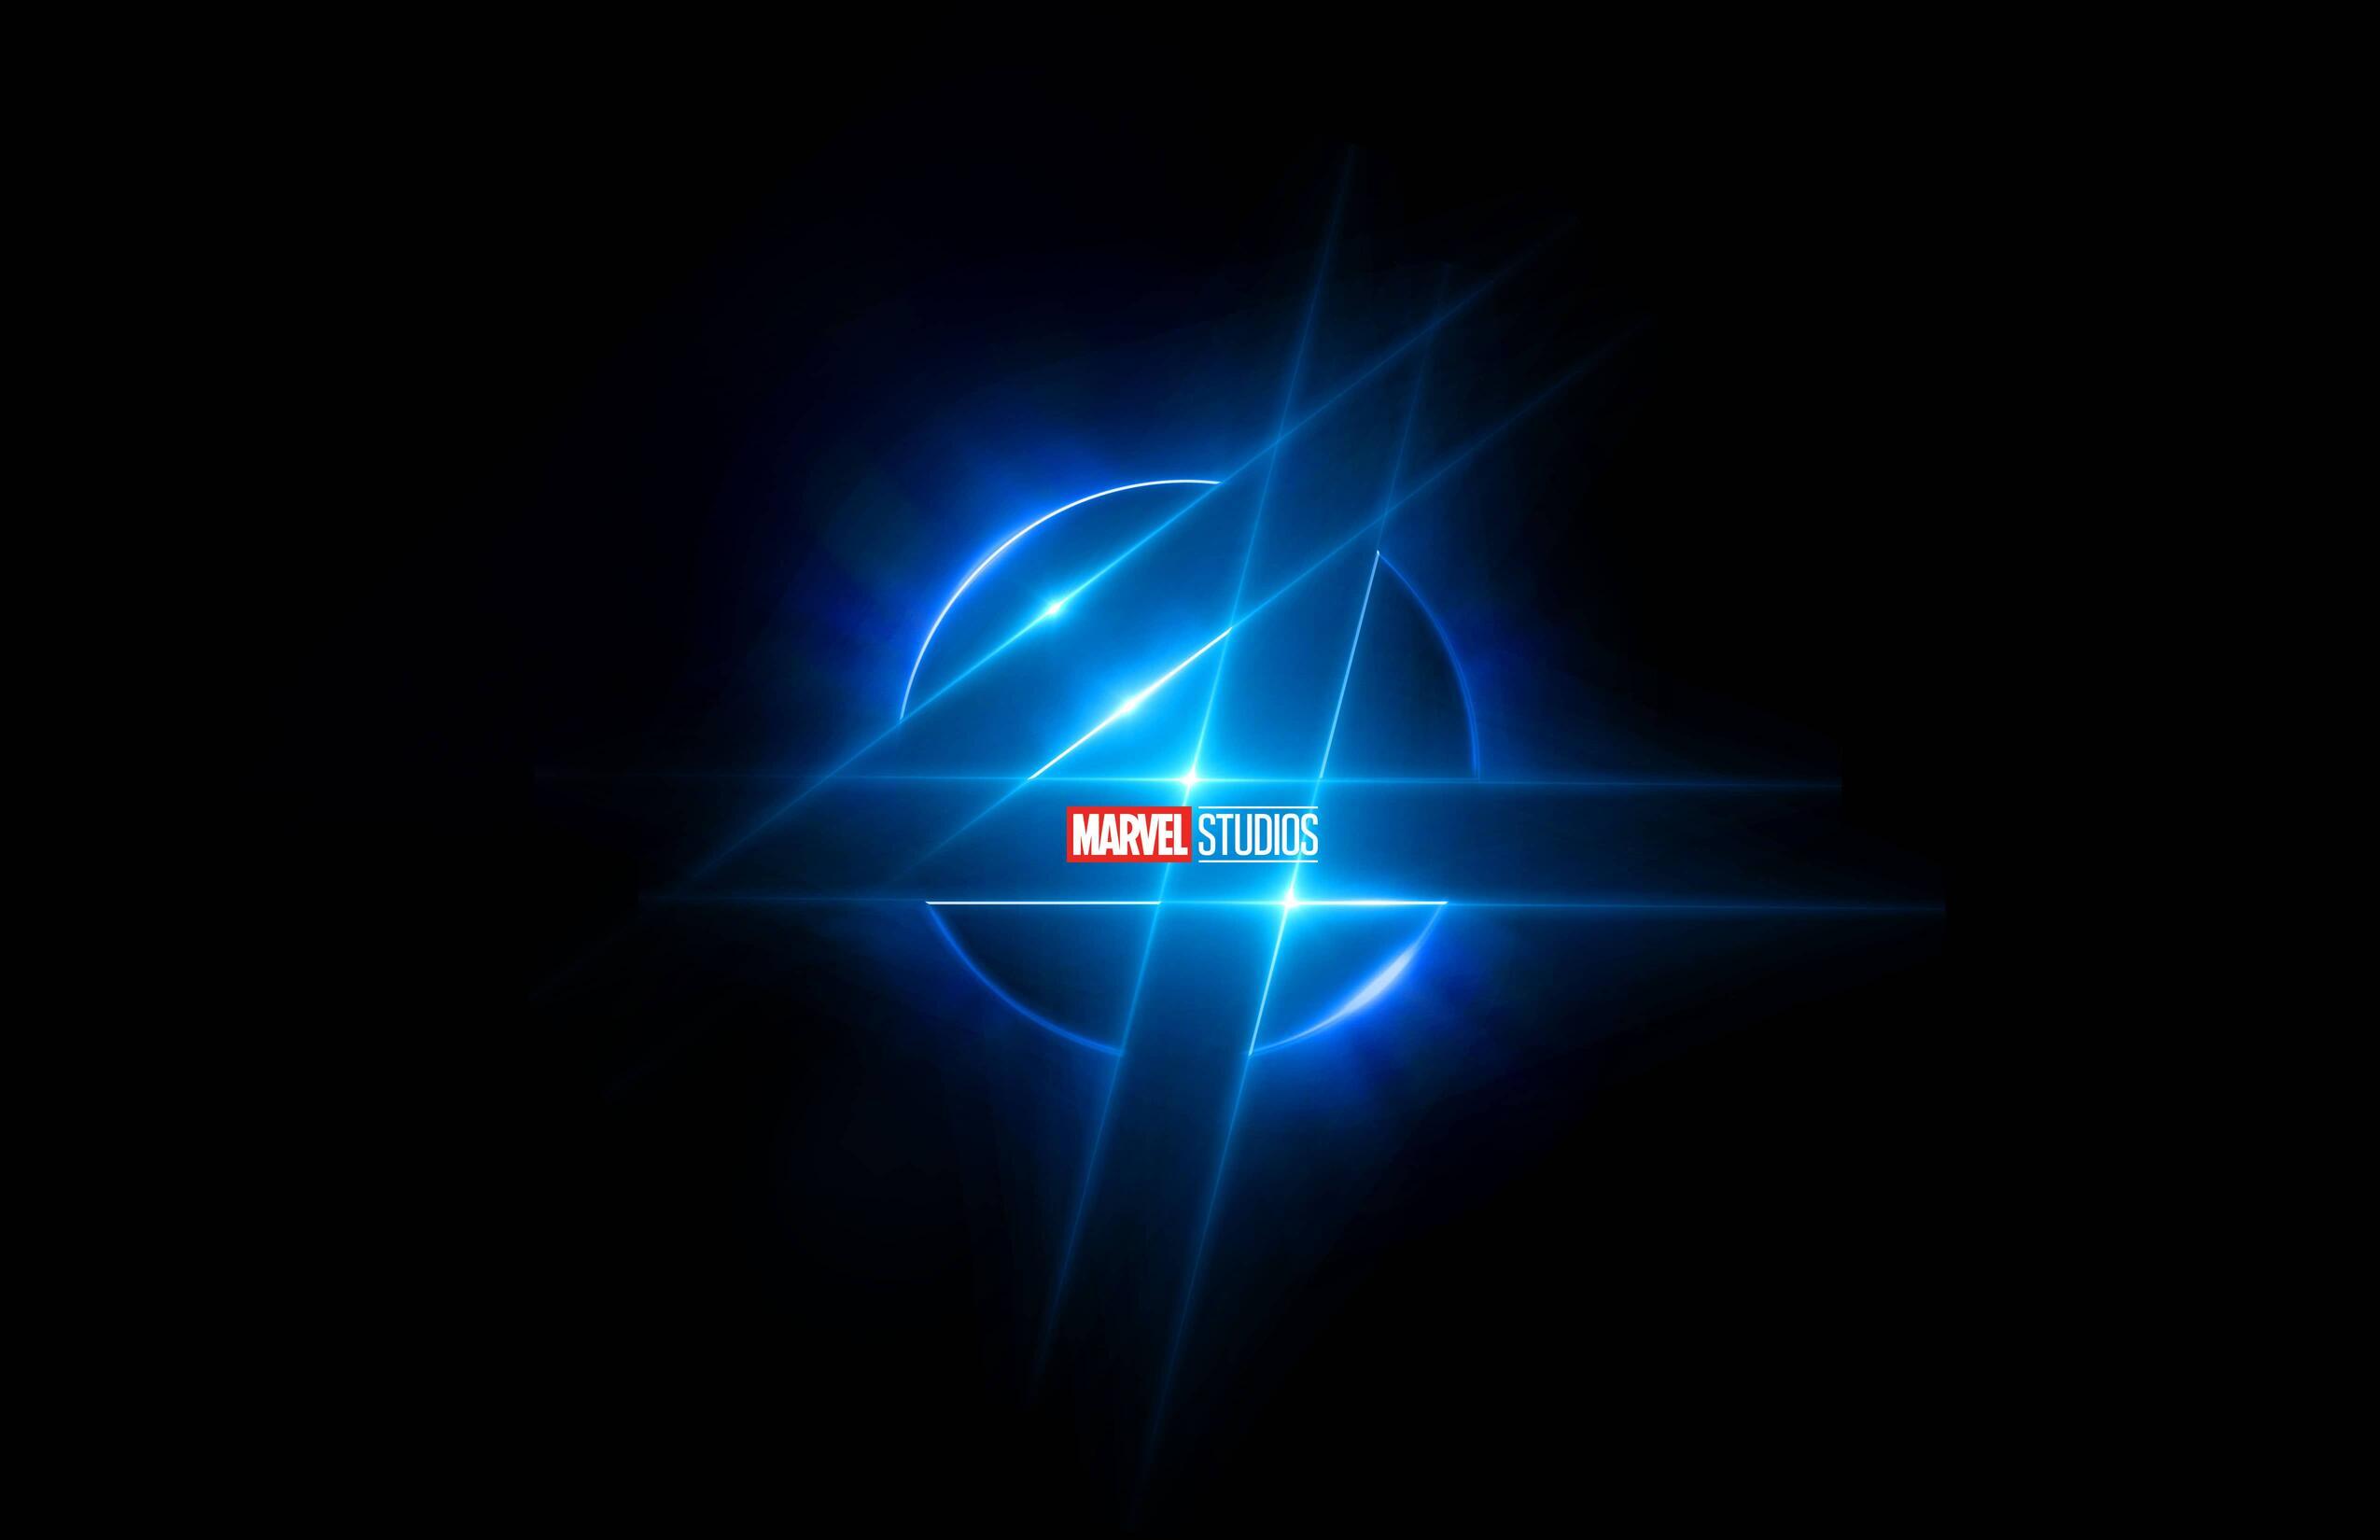 Marvel filme quarteto fantástico